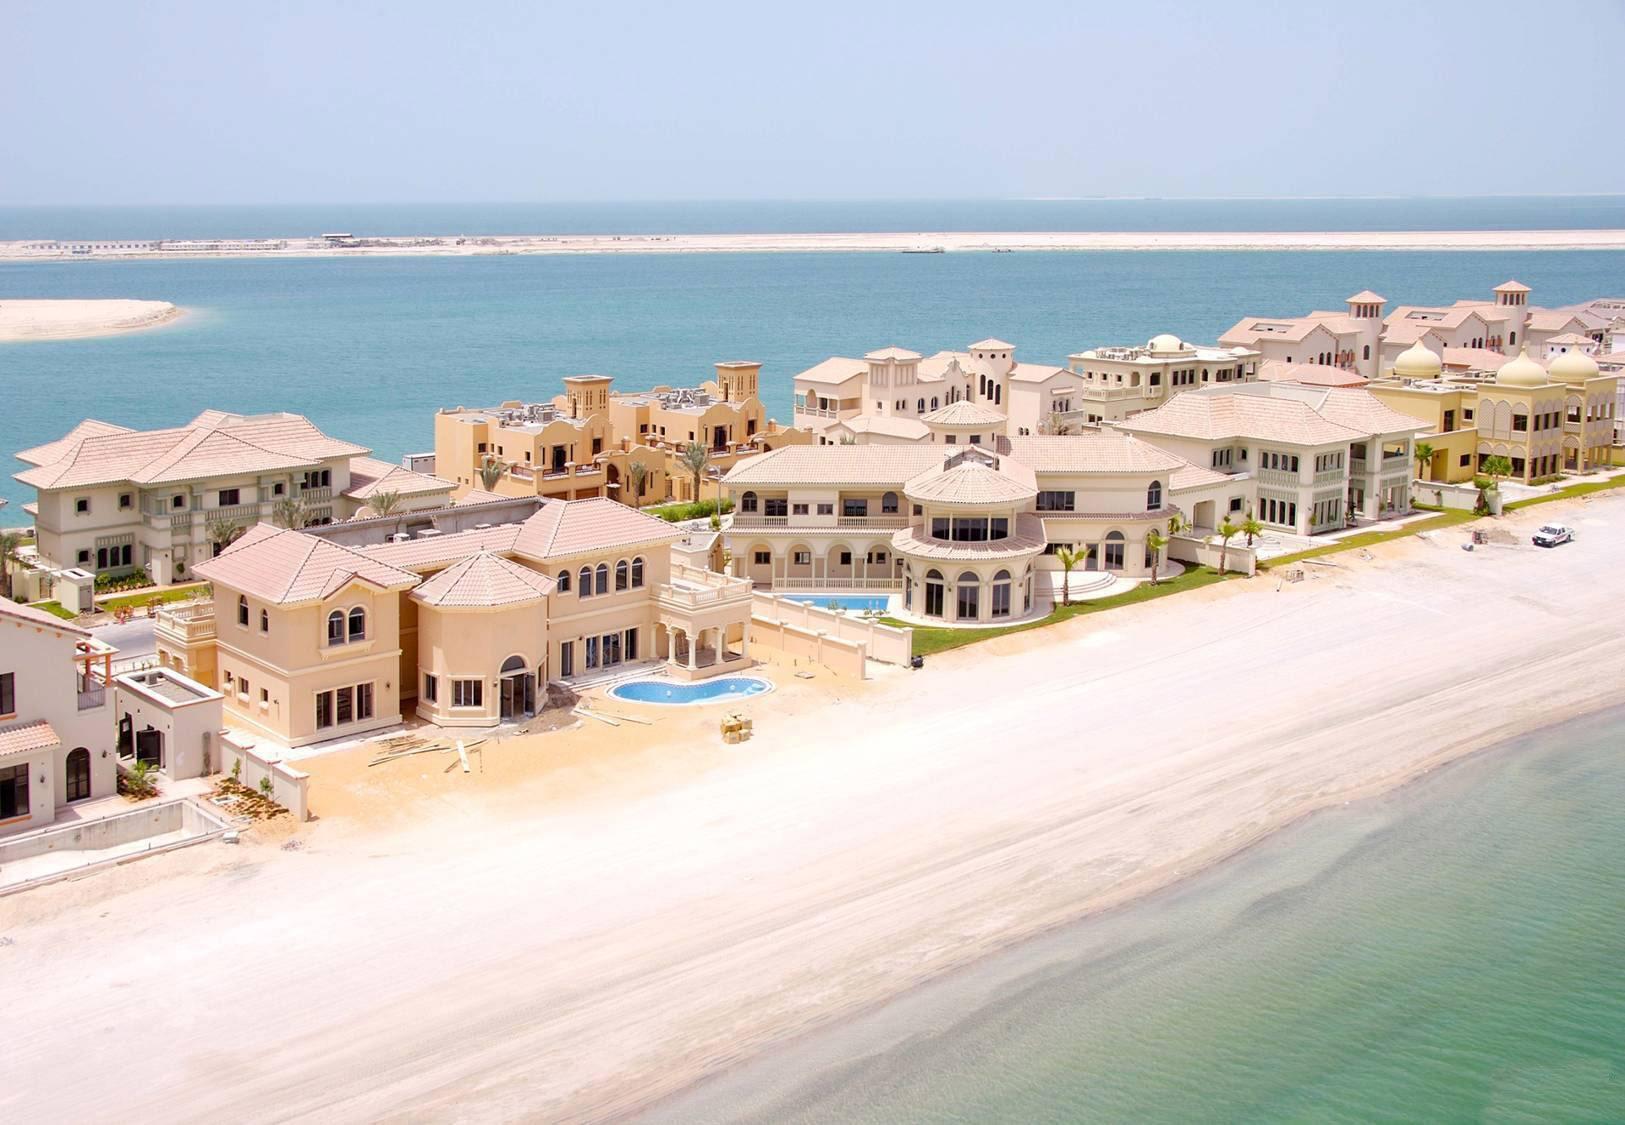 阿联酋重要城市迪拜的房价又下跌?2019年阿联酋房价还会涨吗? - 得居房产百科